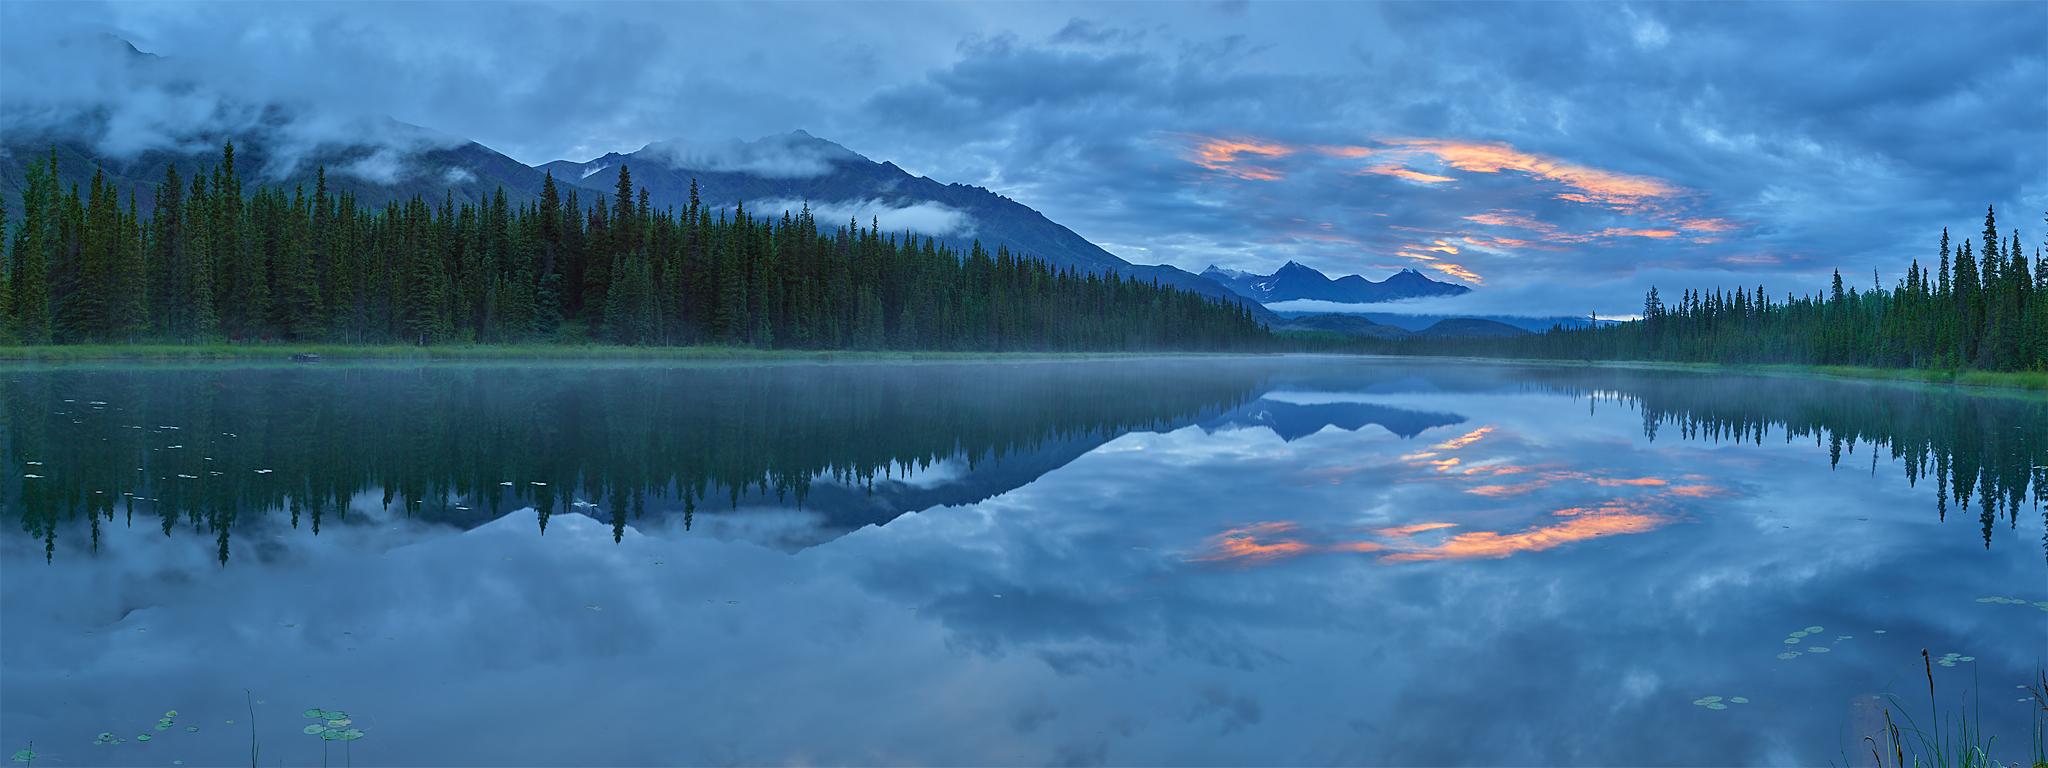 Early Morning in Alaskan Taiga